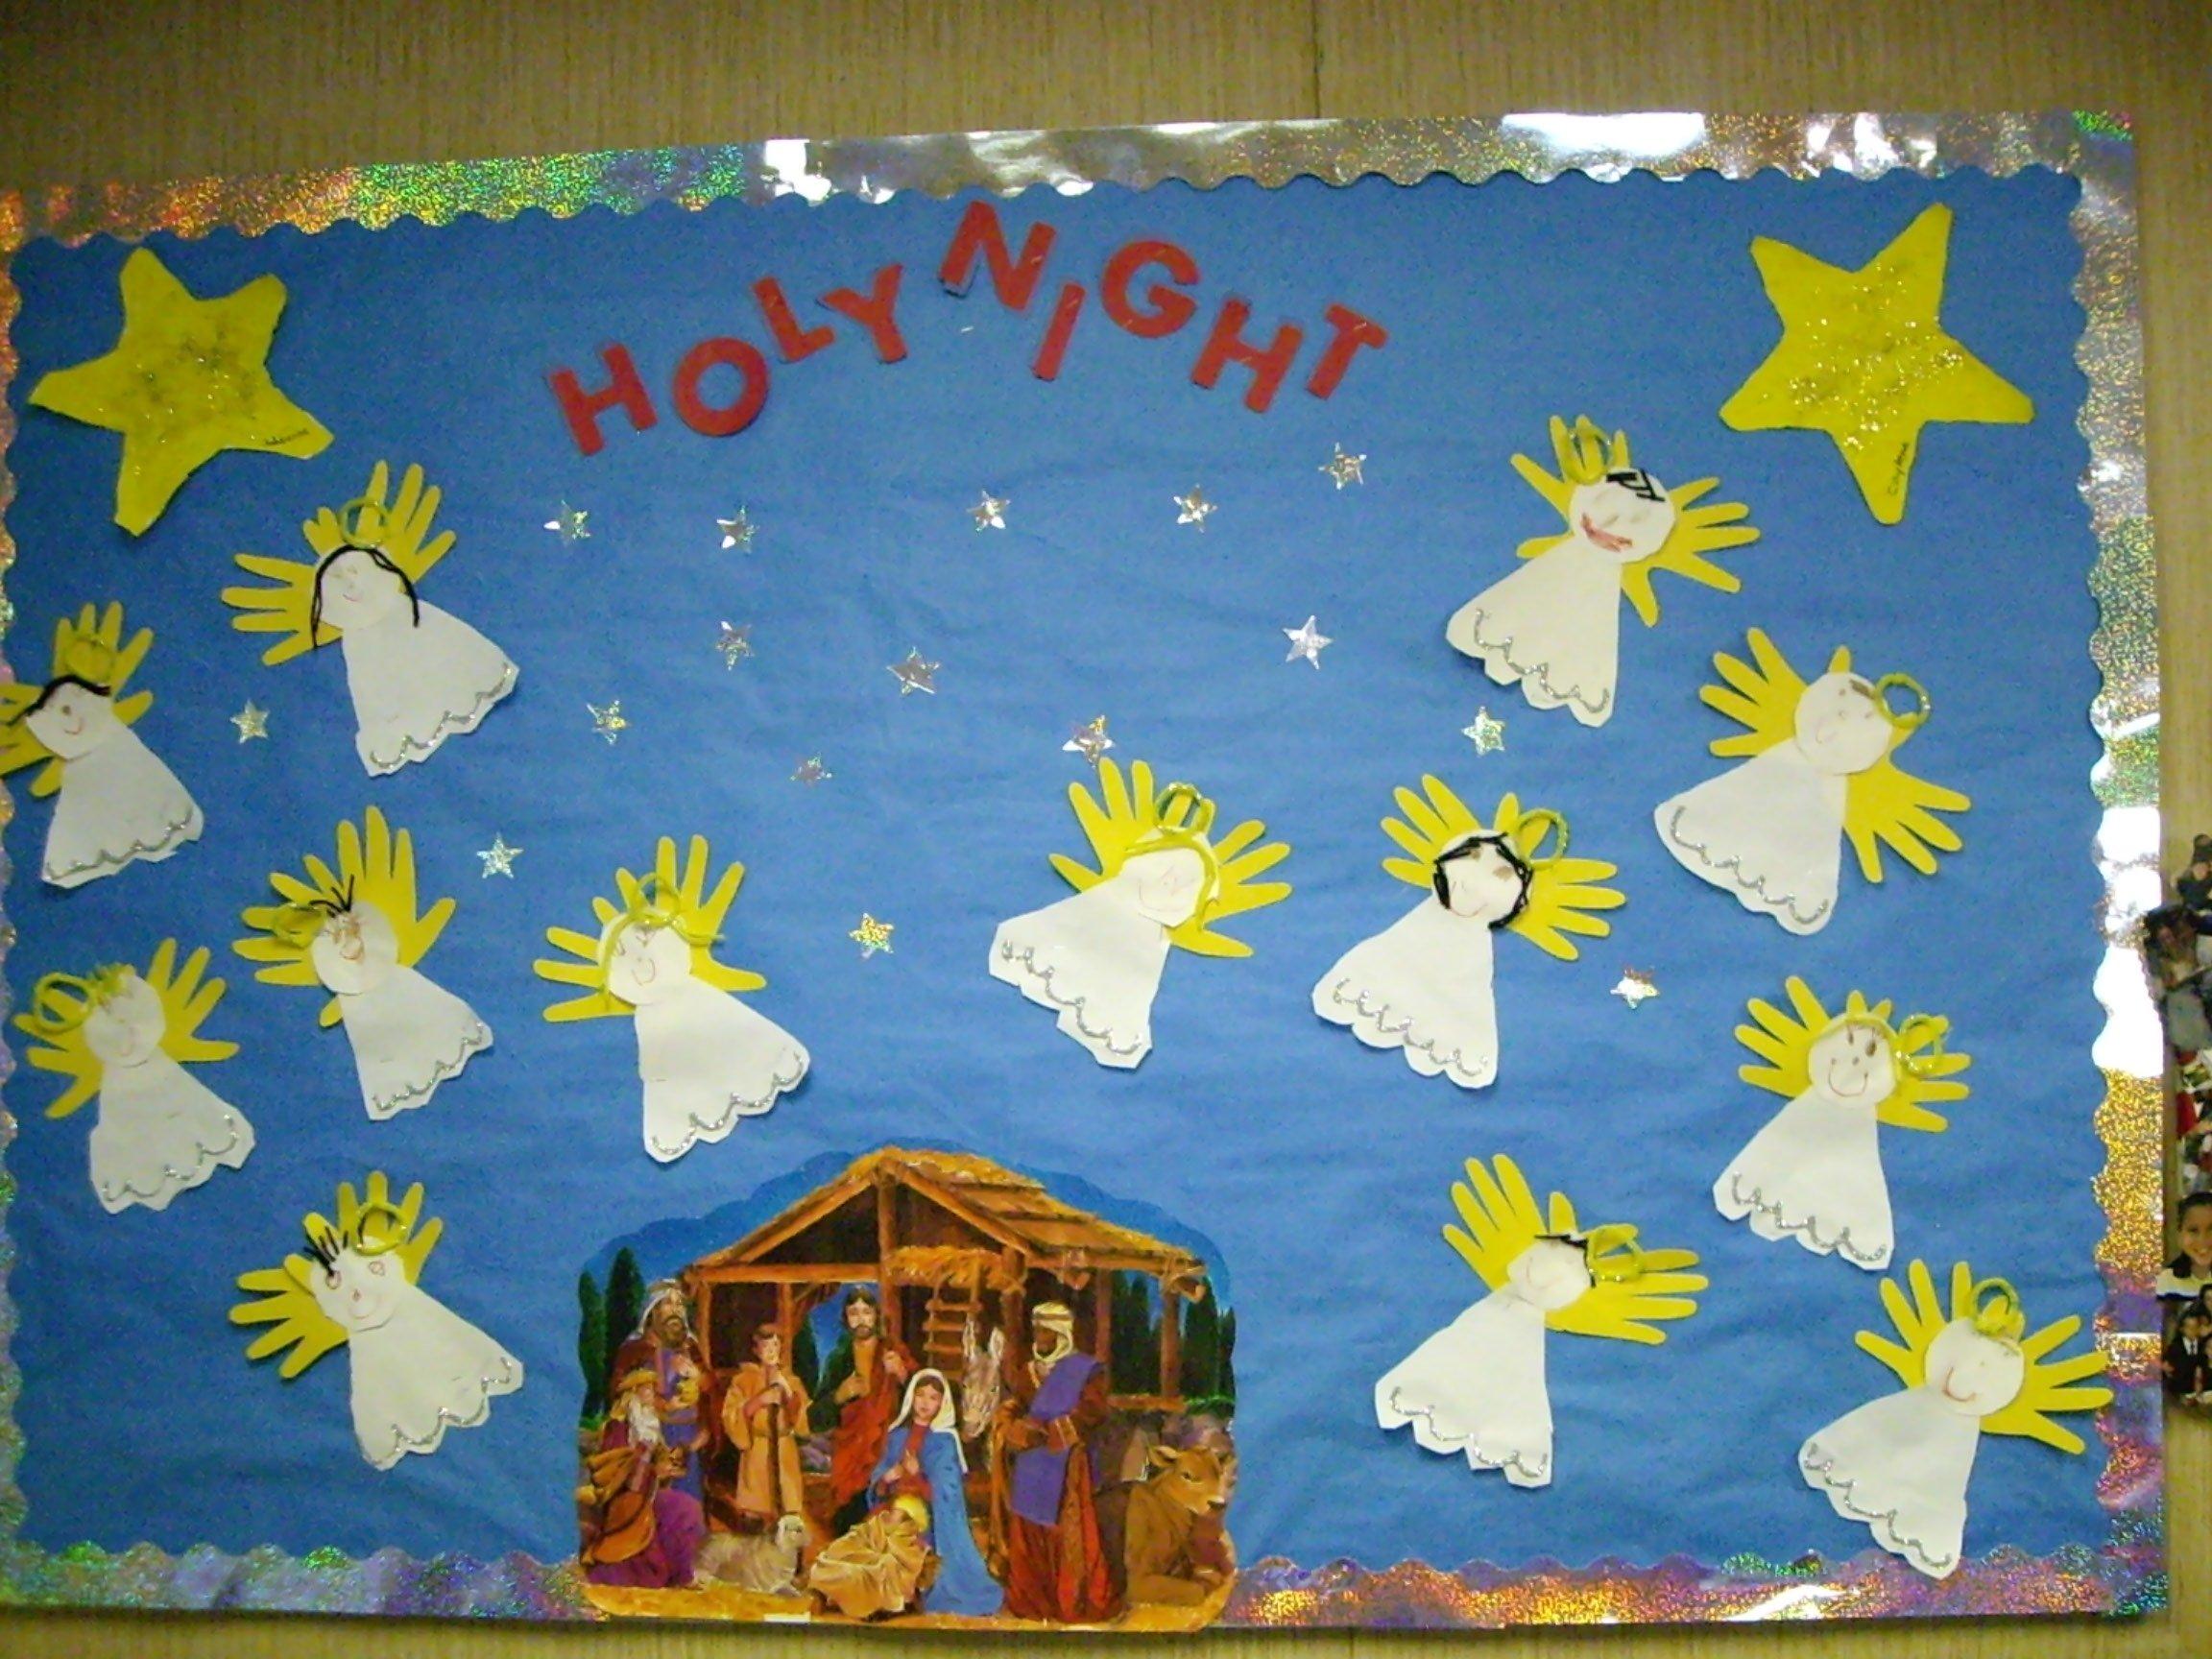 10 Lovely Christmas Bulletin Board Ideas For Church 2021